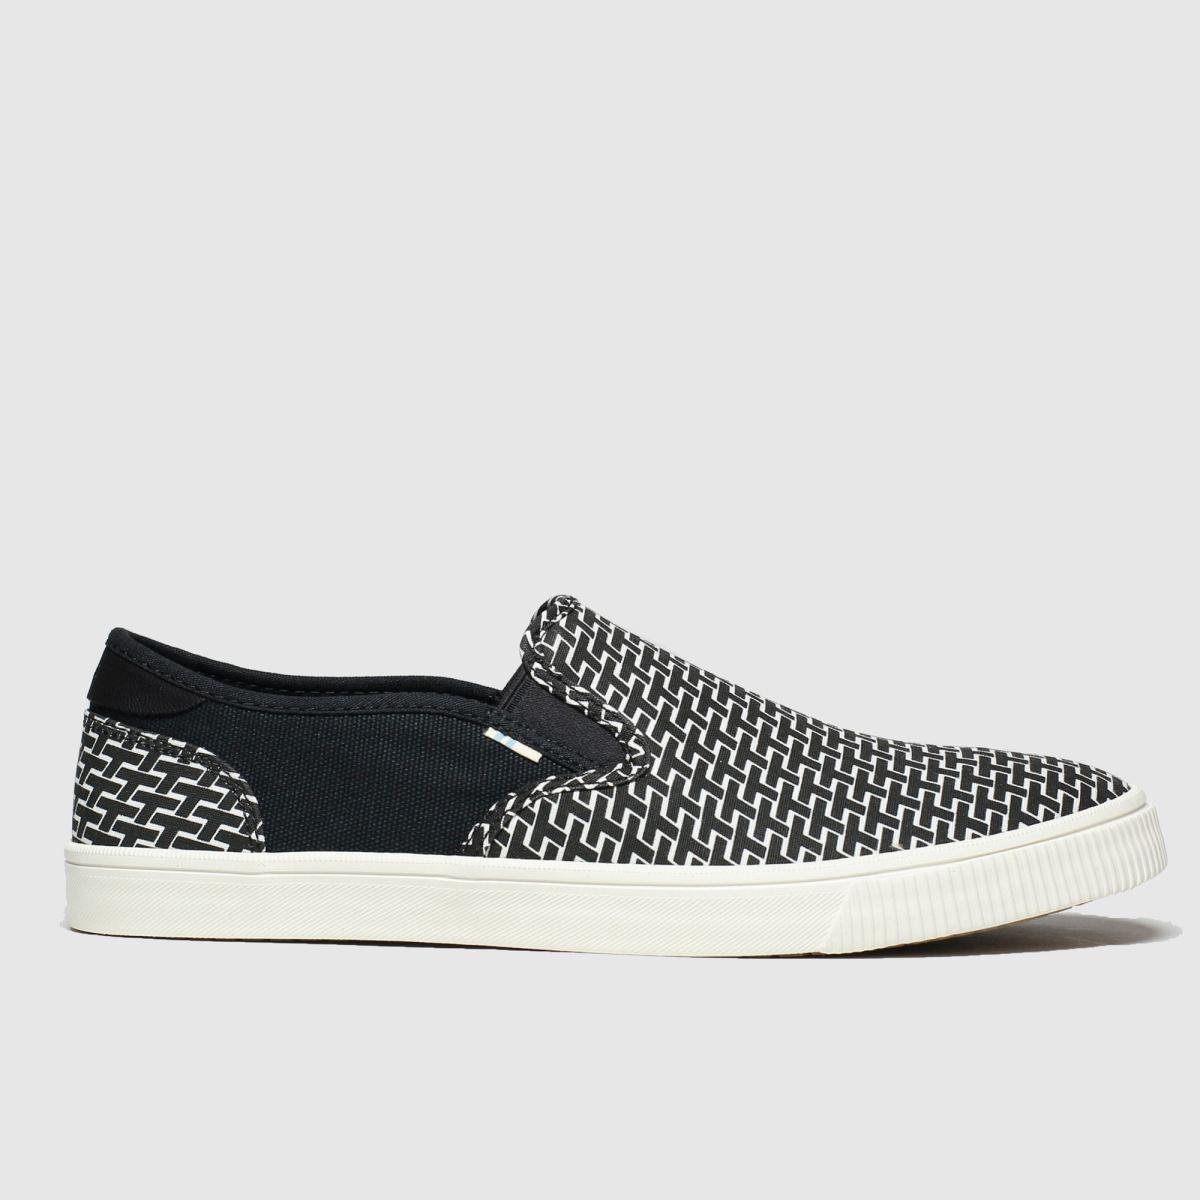 Toms Black & White Baja Shoes